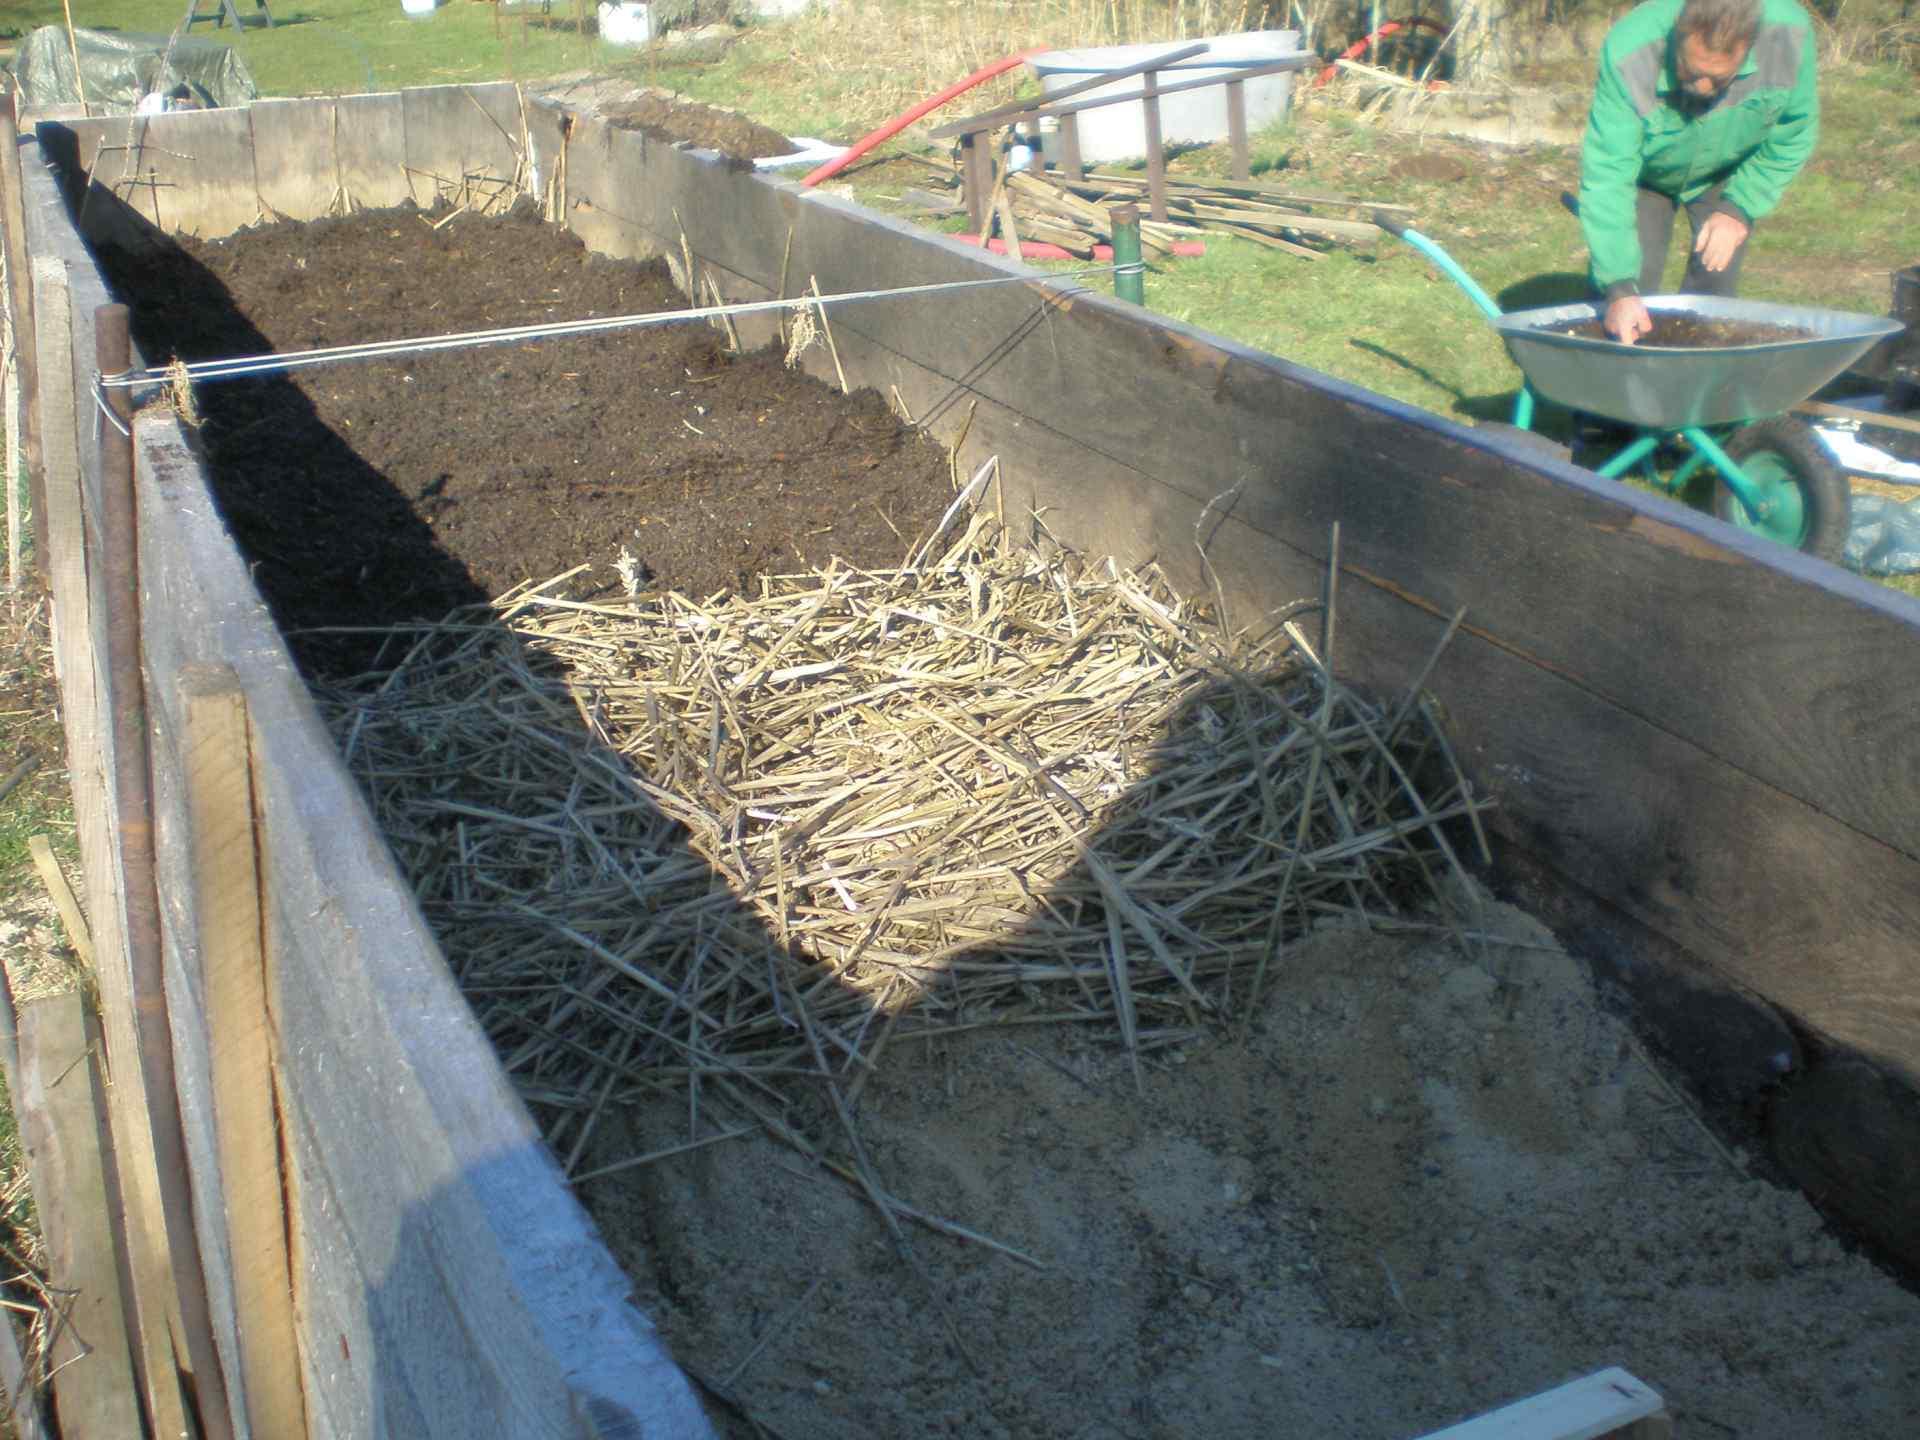 Vrstvy půdy - písek, sláma a úrodná hlína